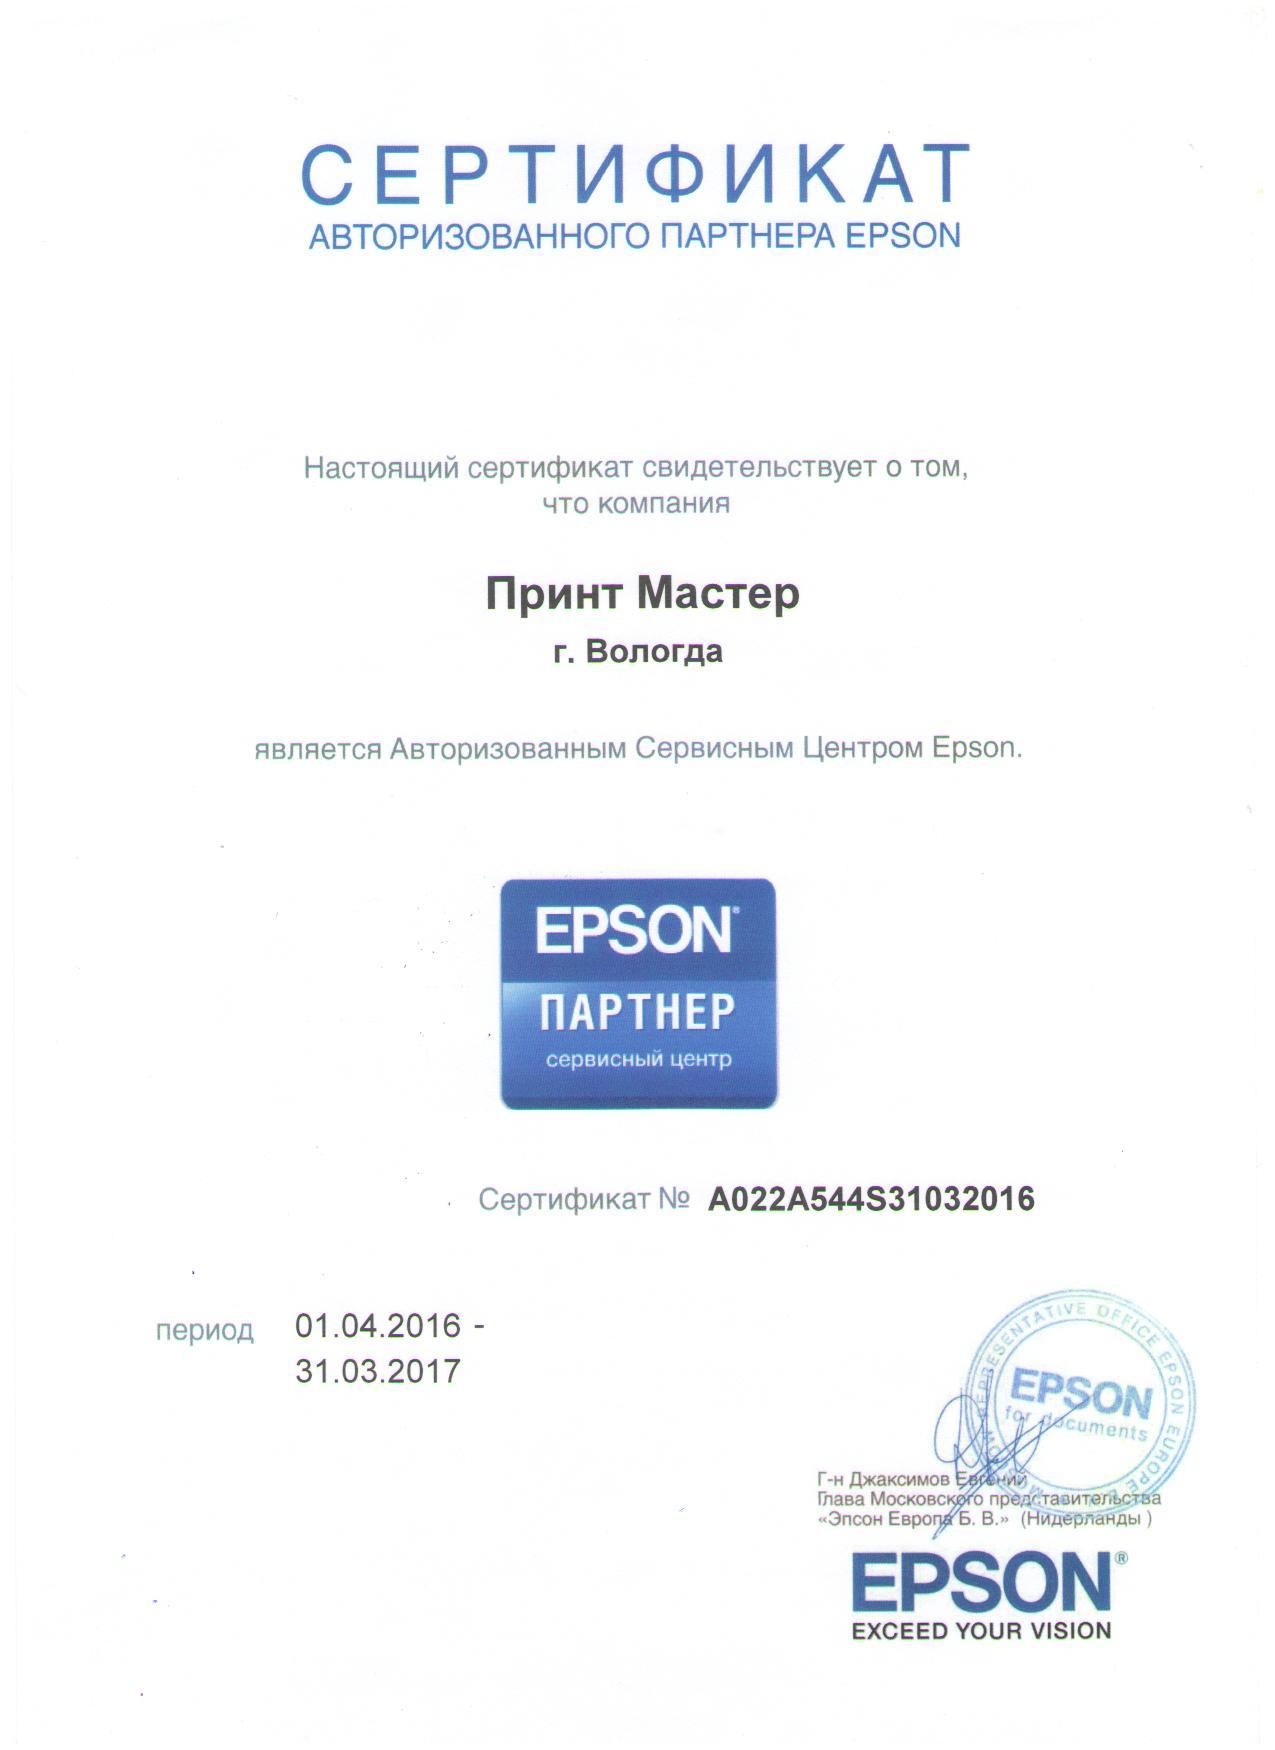 sert Epson 2016-2017.jpg